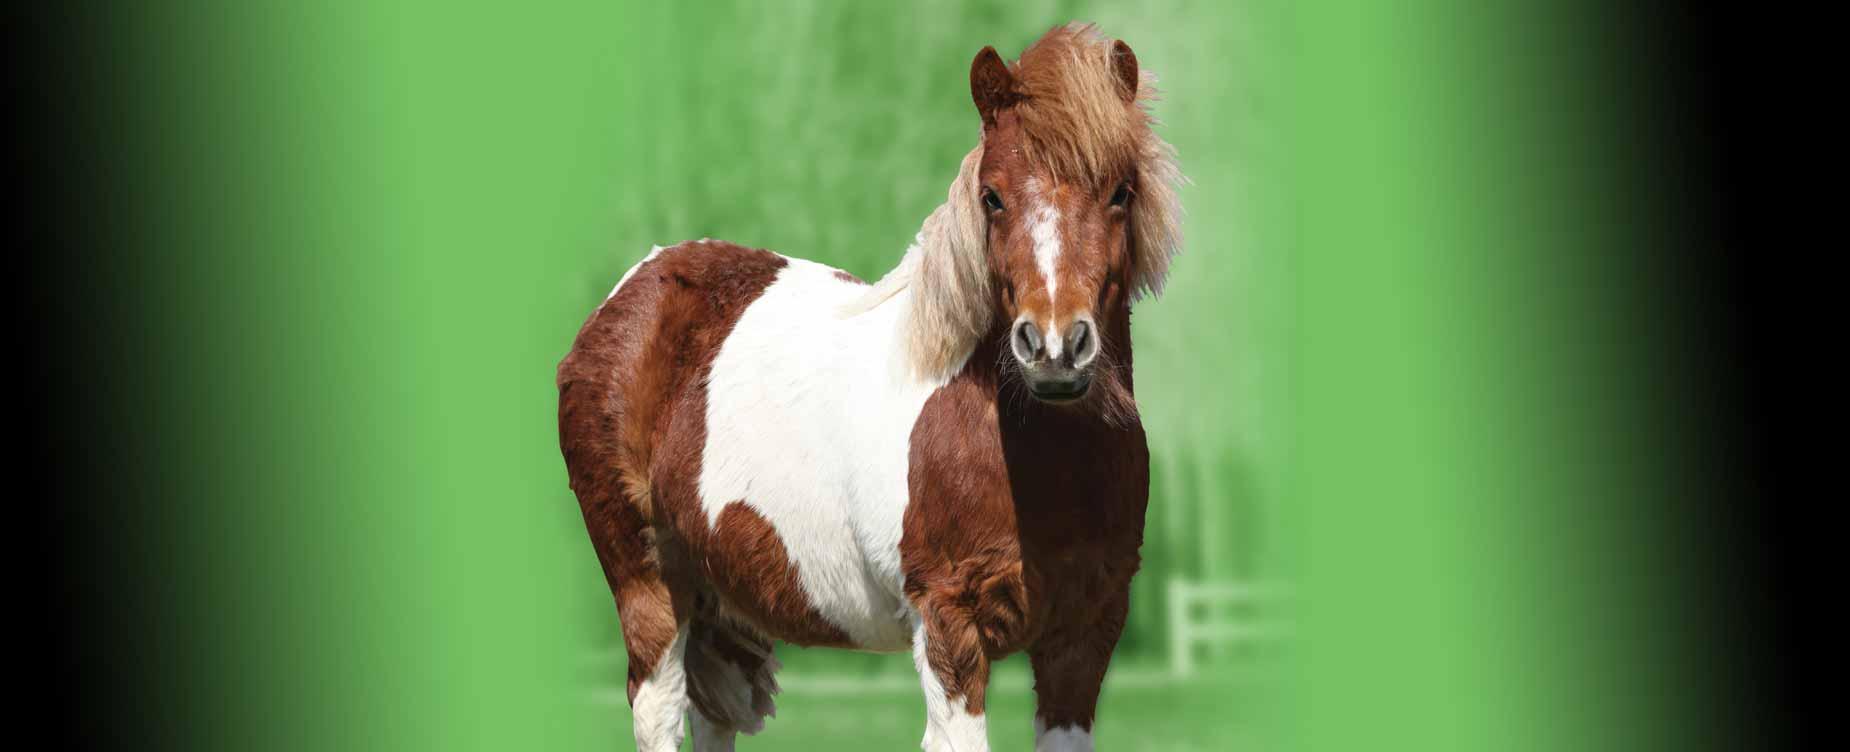 Ons doel is om de levensstijl van uw paard te behouden waar mogelijk